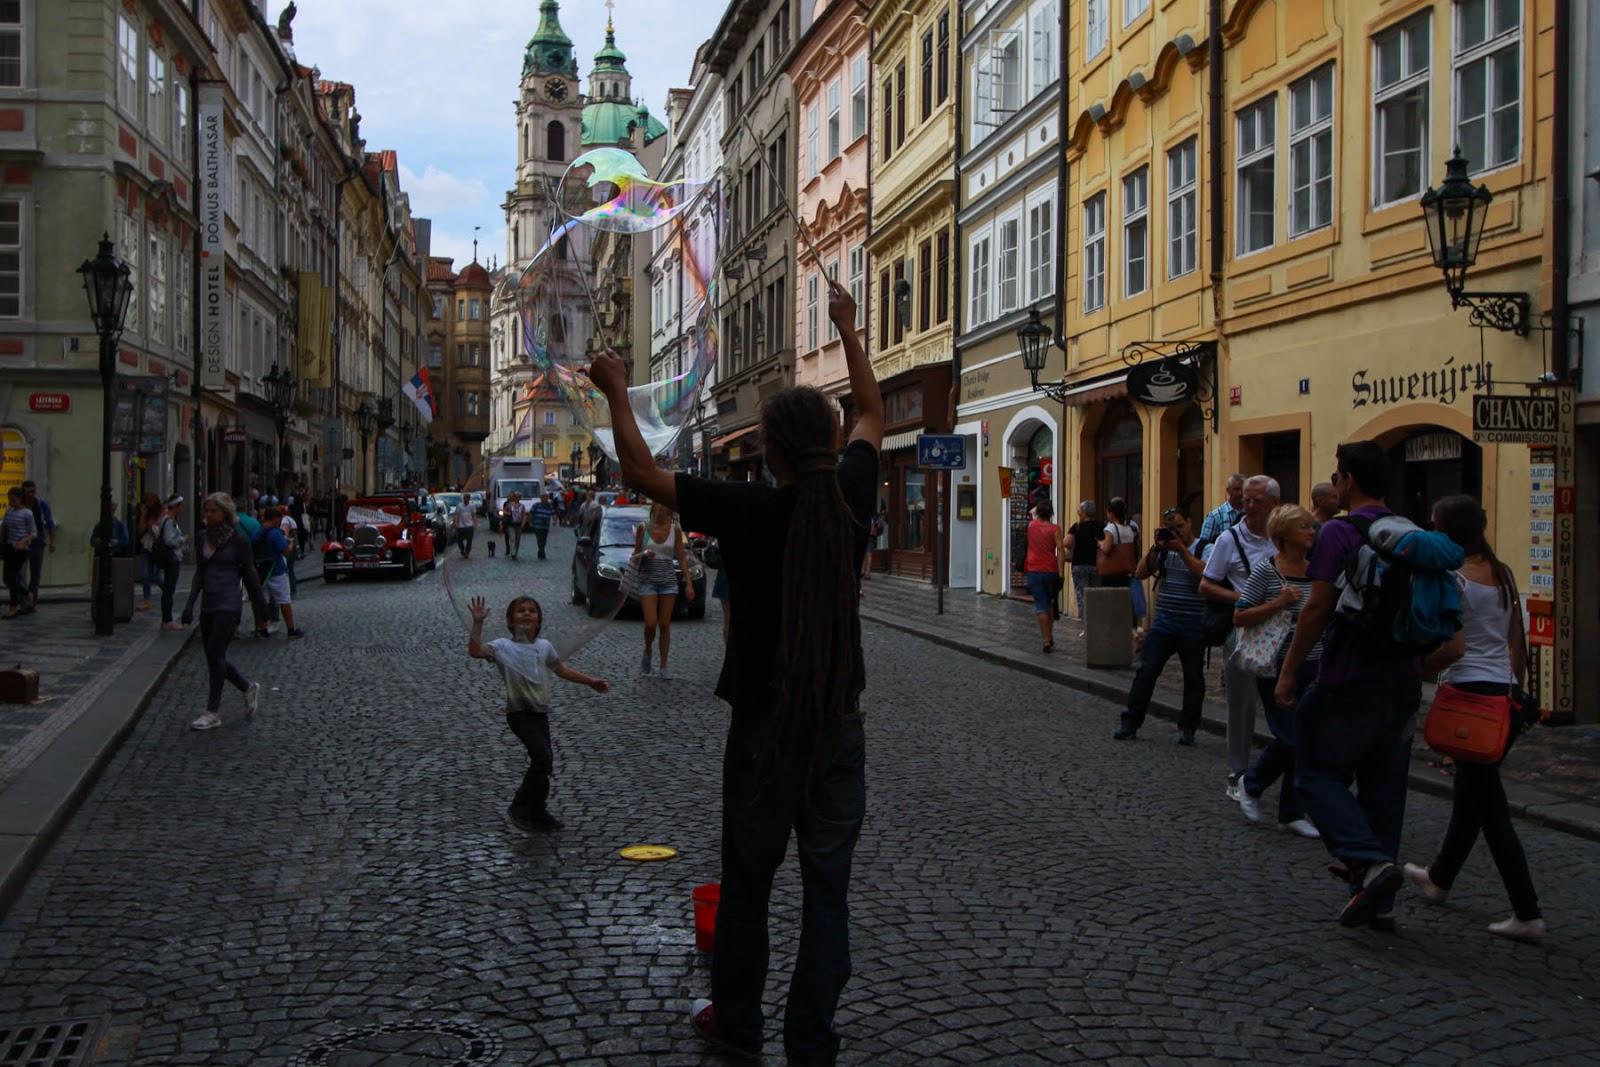 fotorelacja z Pragi